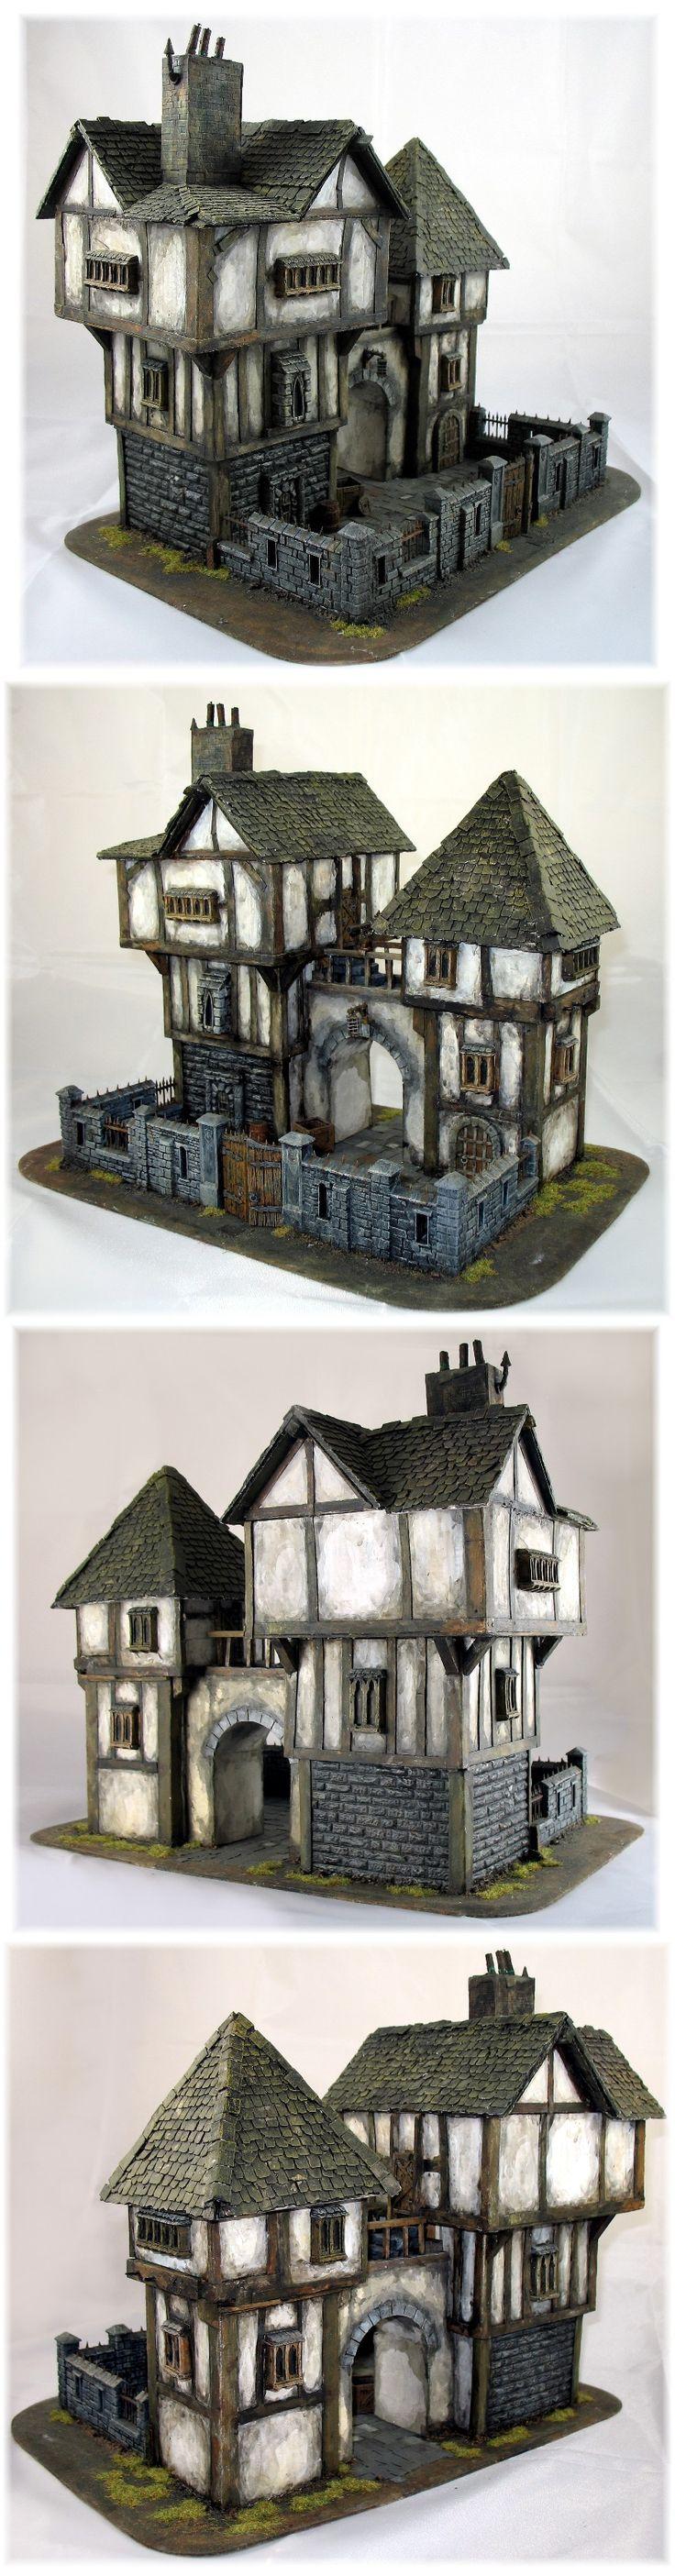 Maison de la vielle ville